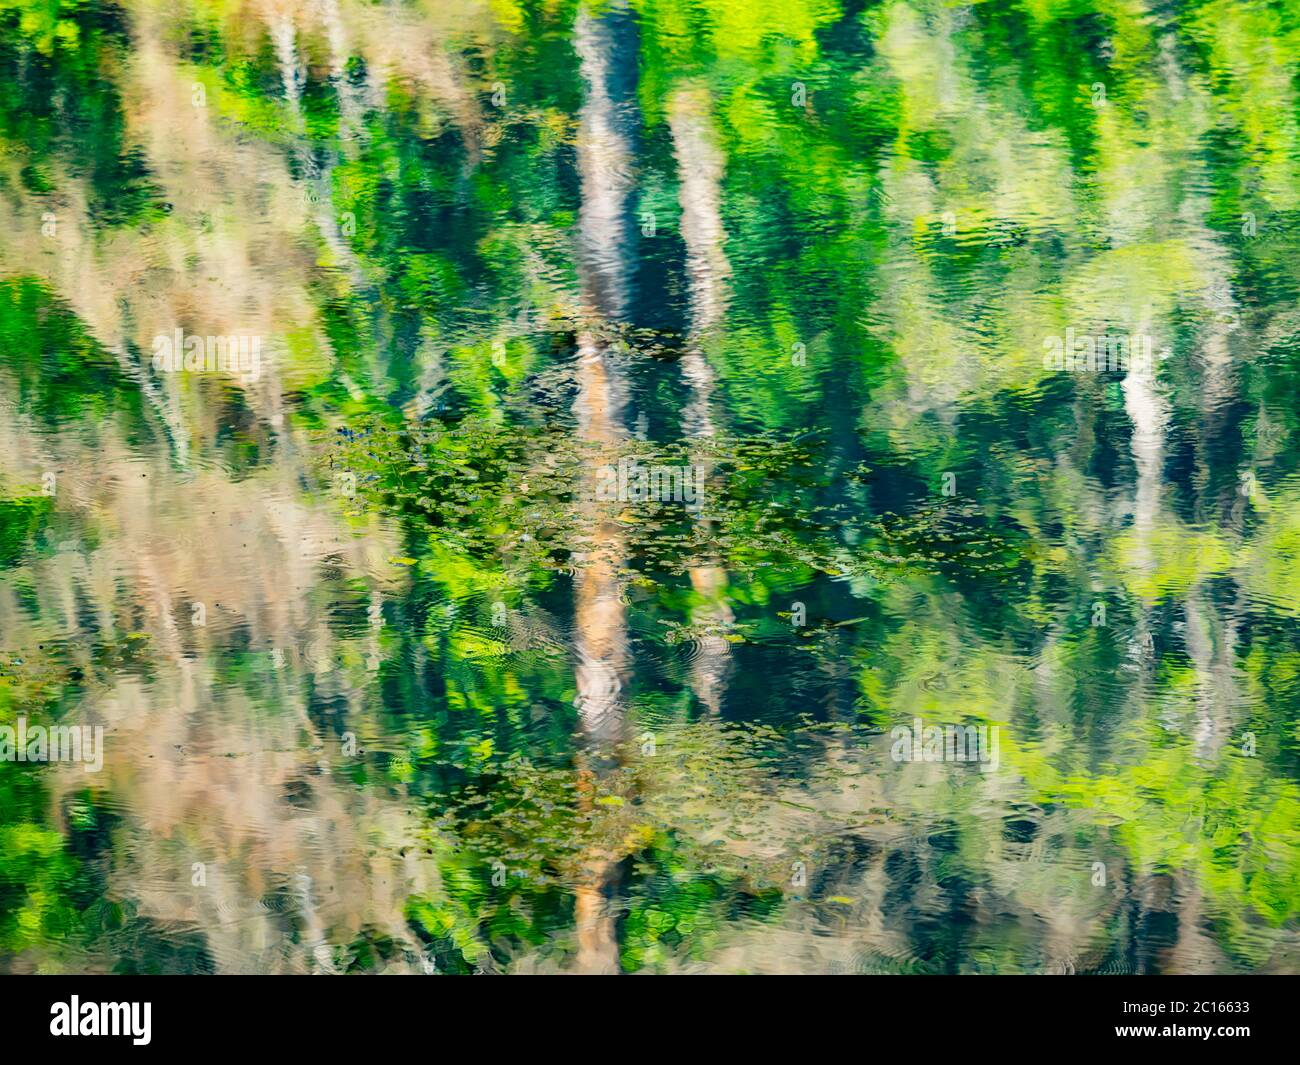 Lago con cascada y antiguo aserradero y molino de agua de la vieja ciudad de Croacia Jezero Cogrljevo Europa reflejos casi artísticos del agua de la selva de manantial verde Foto de stock